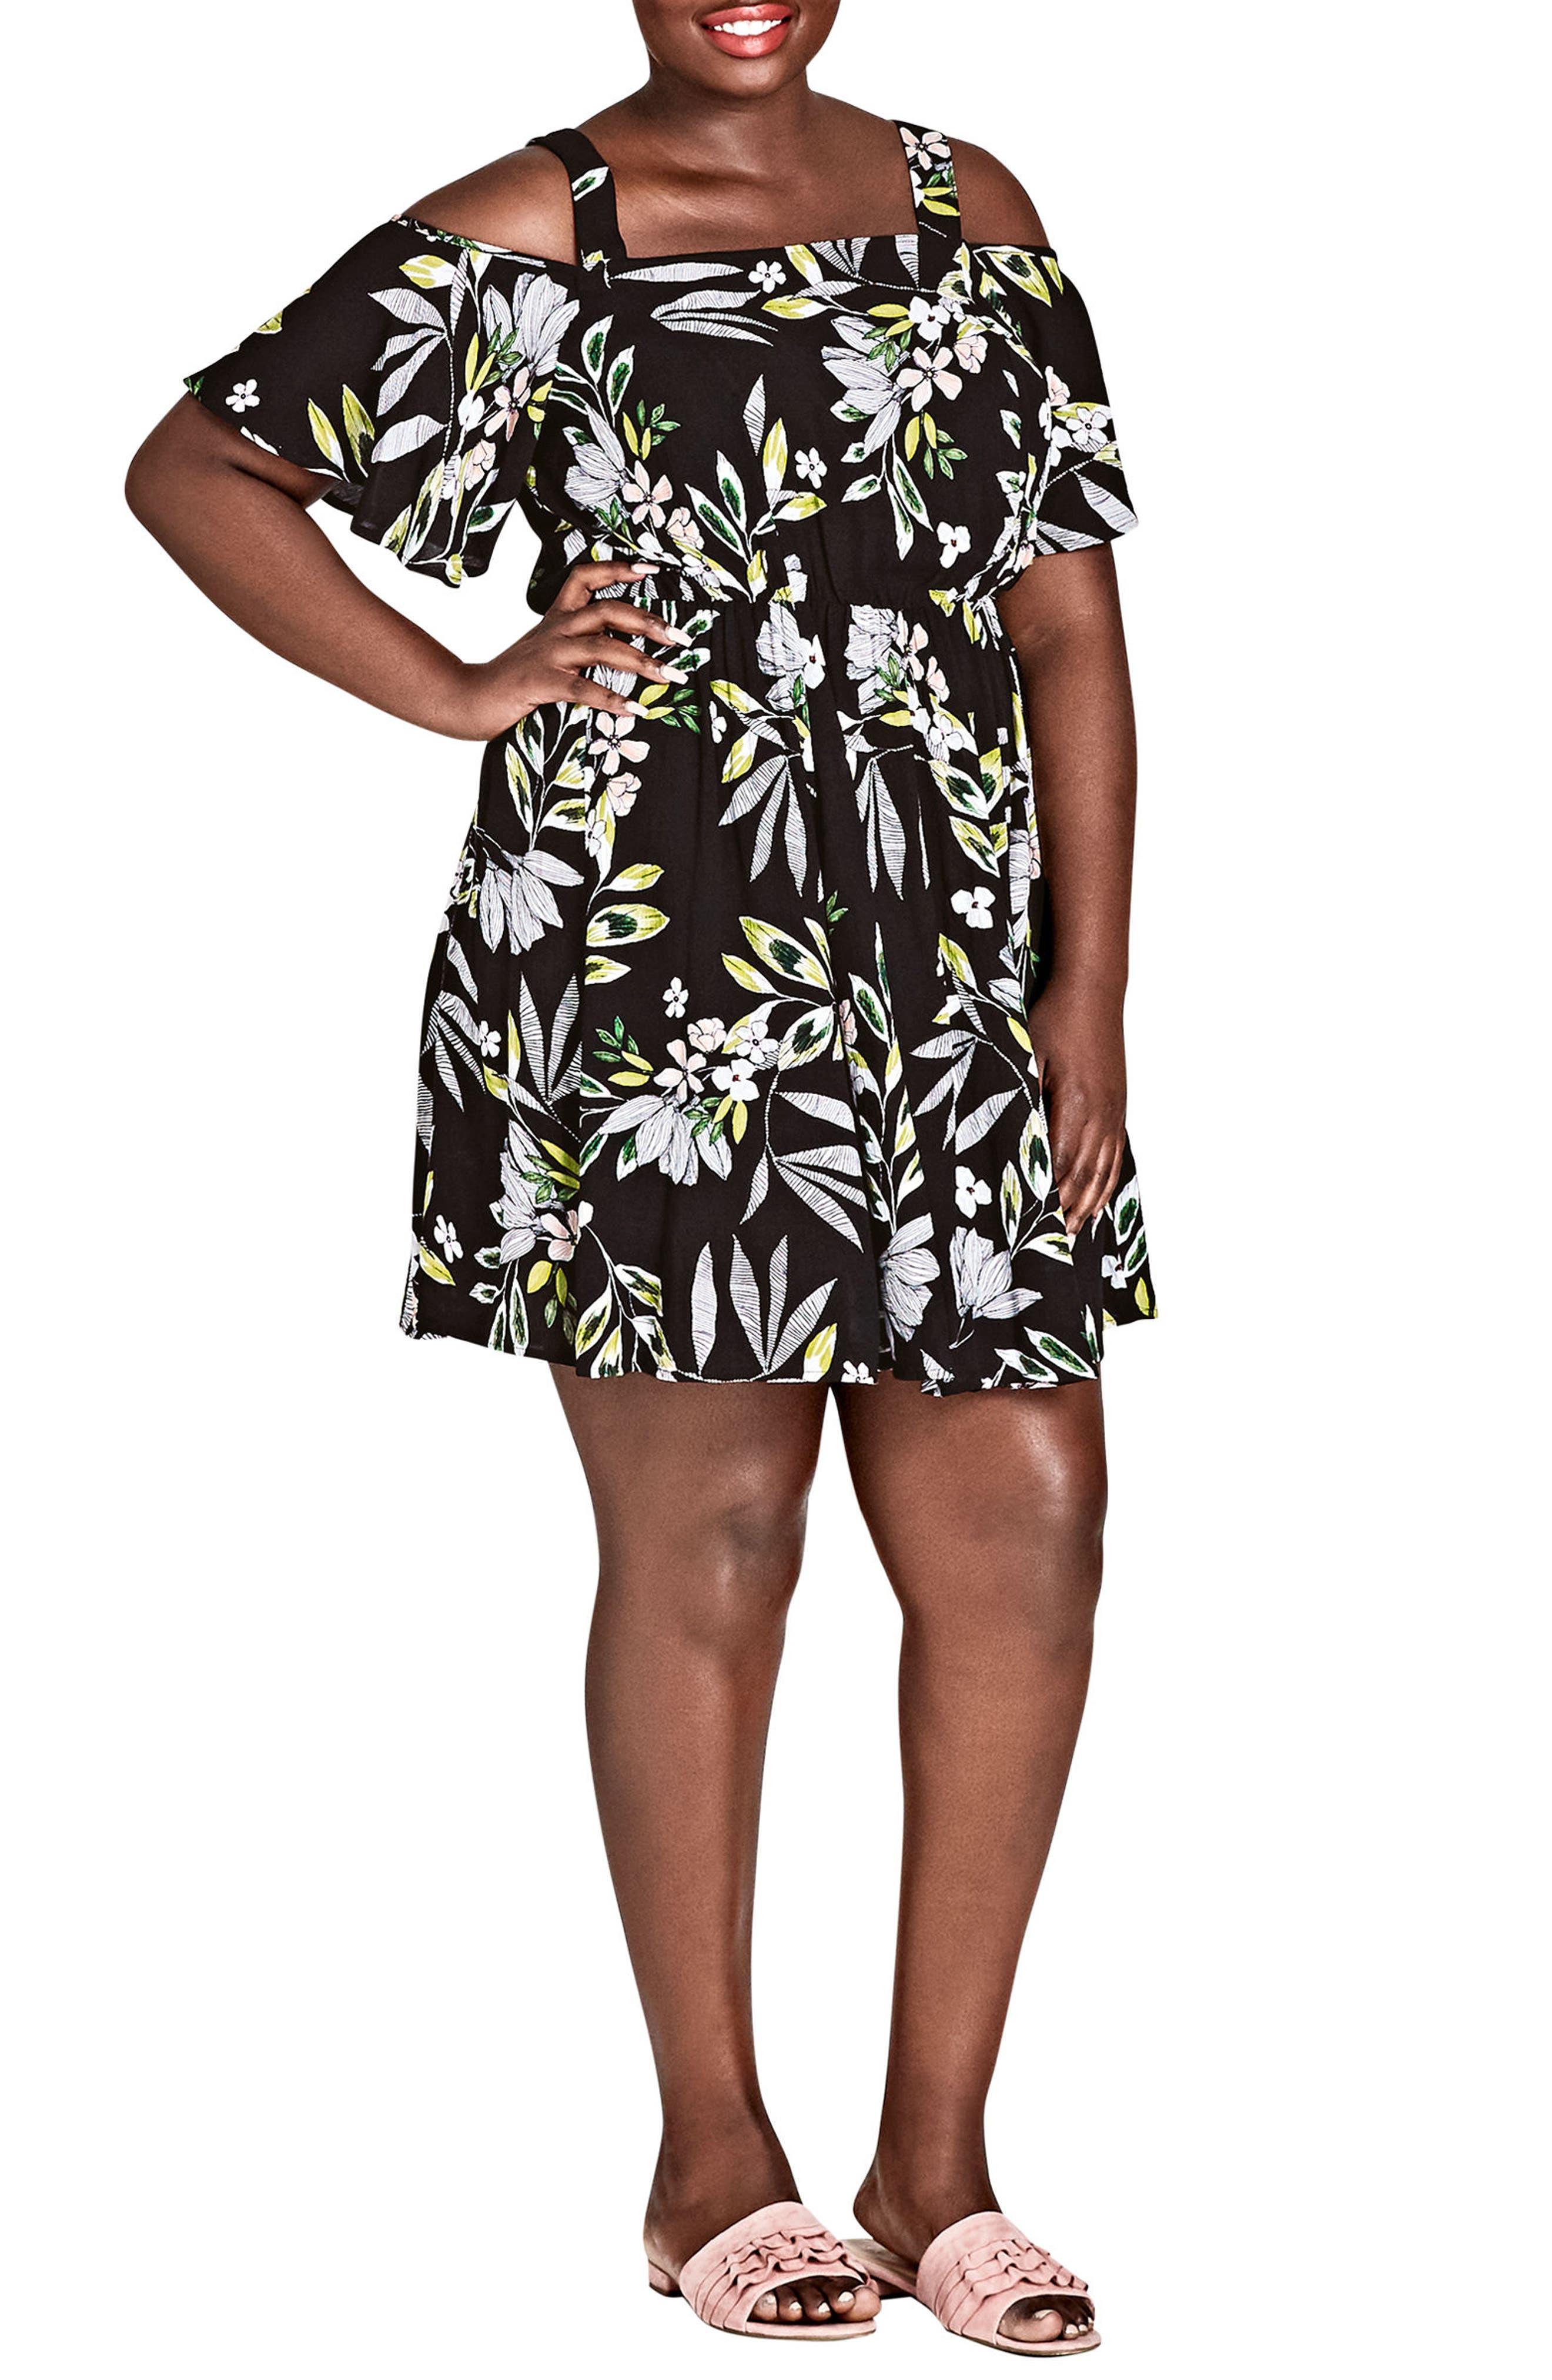 Maui Floral Cold Shoulder Dress,                             Main thumbnail 1, color,                             Maui Floral